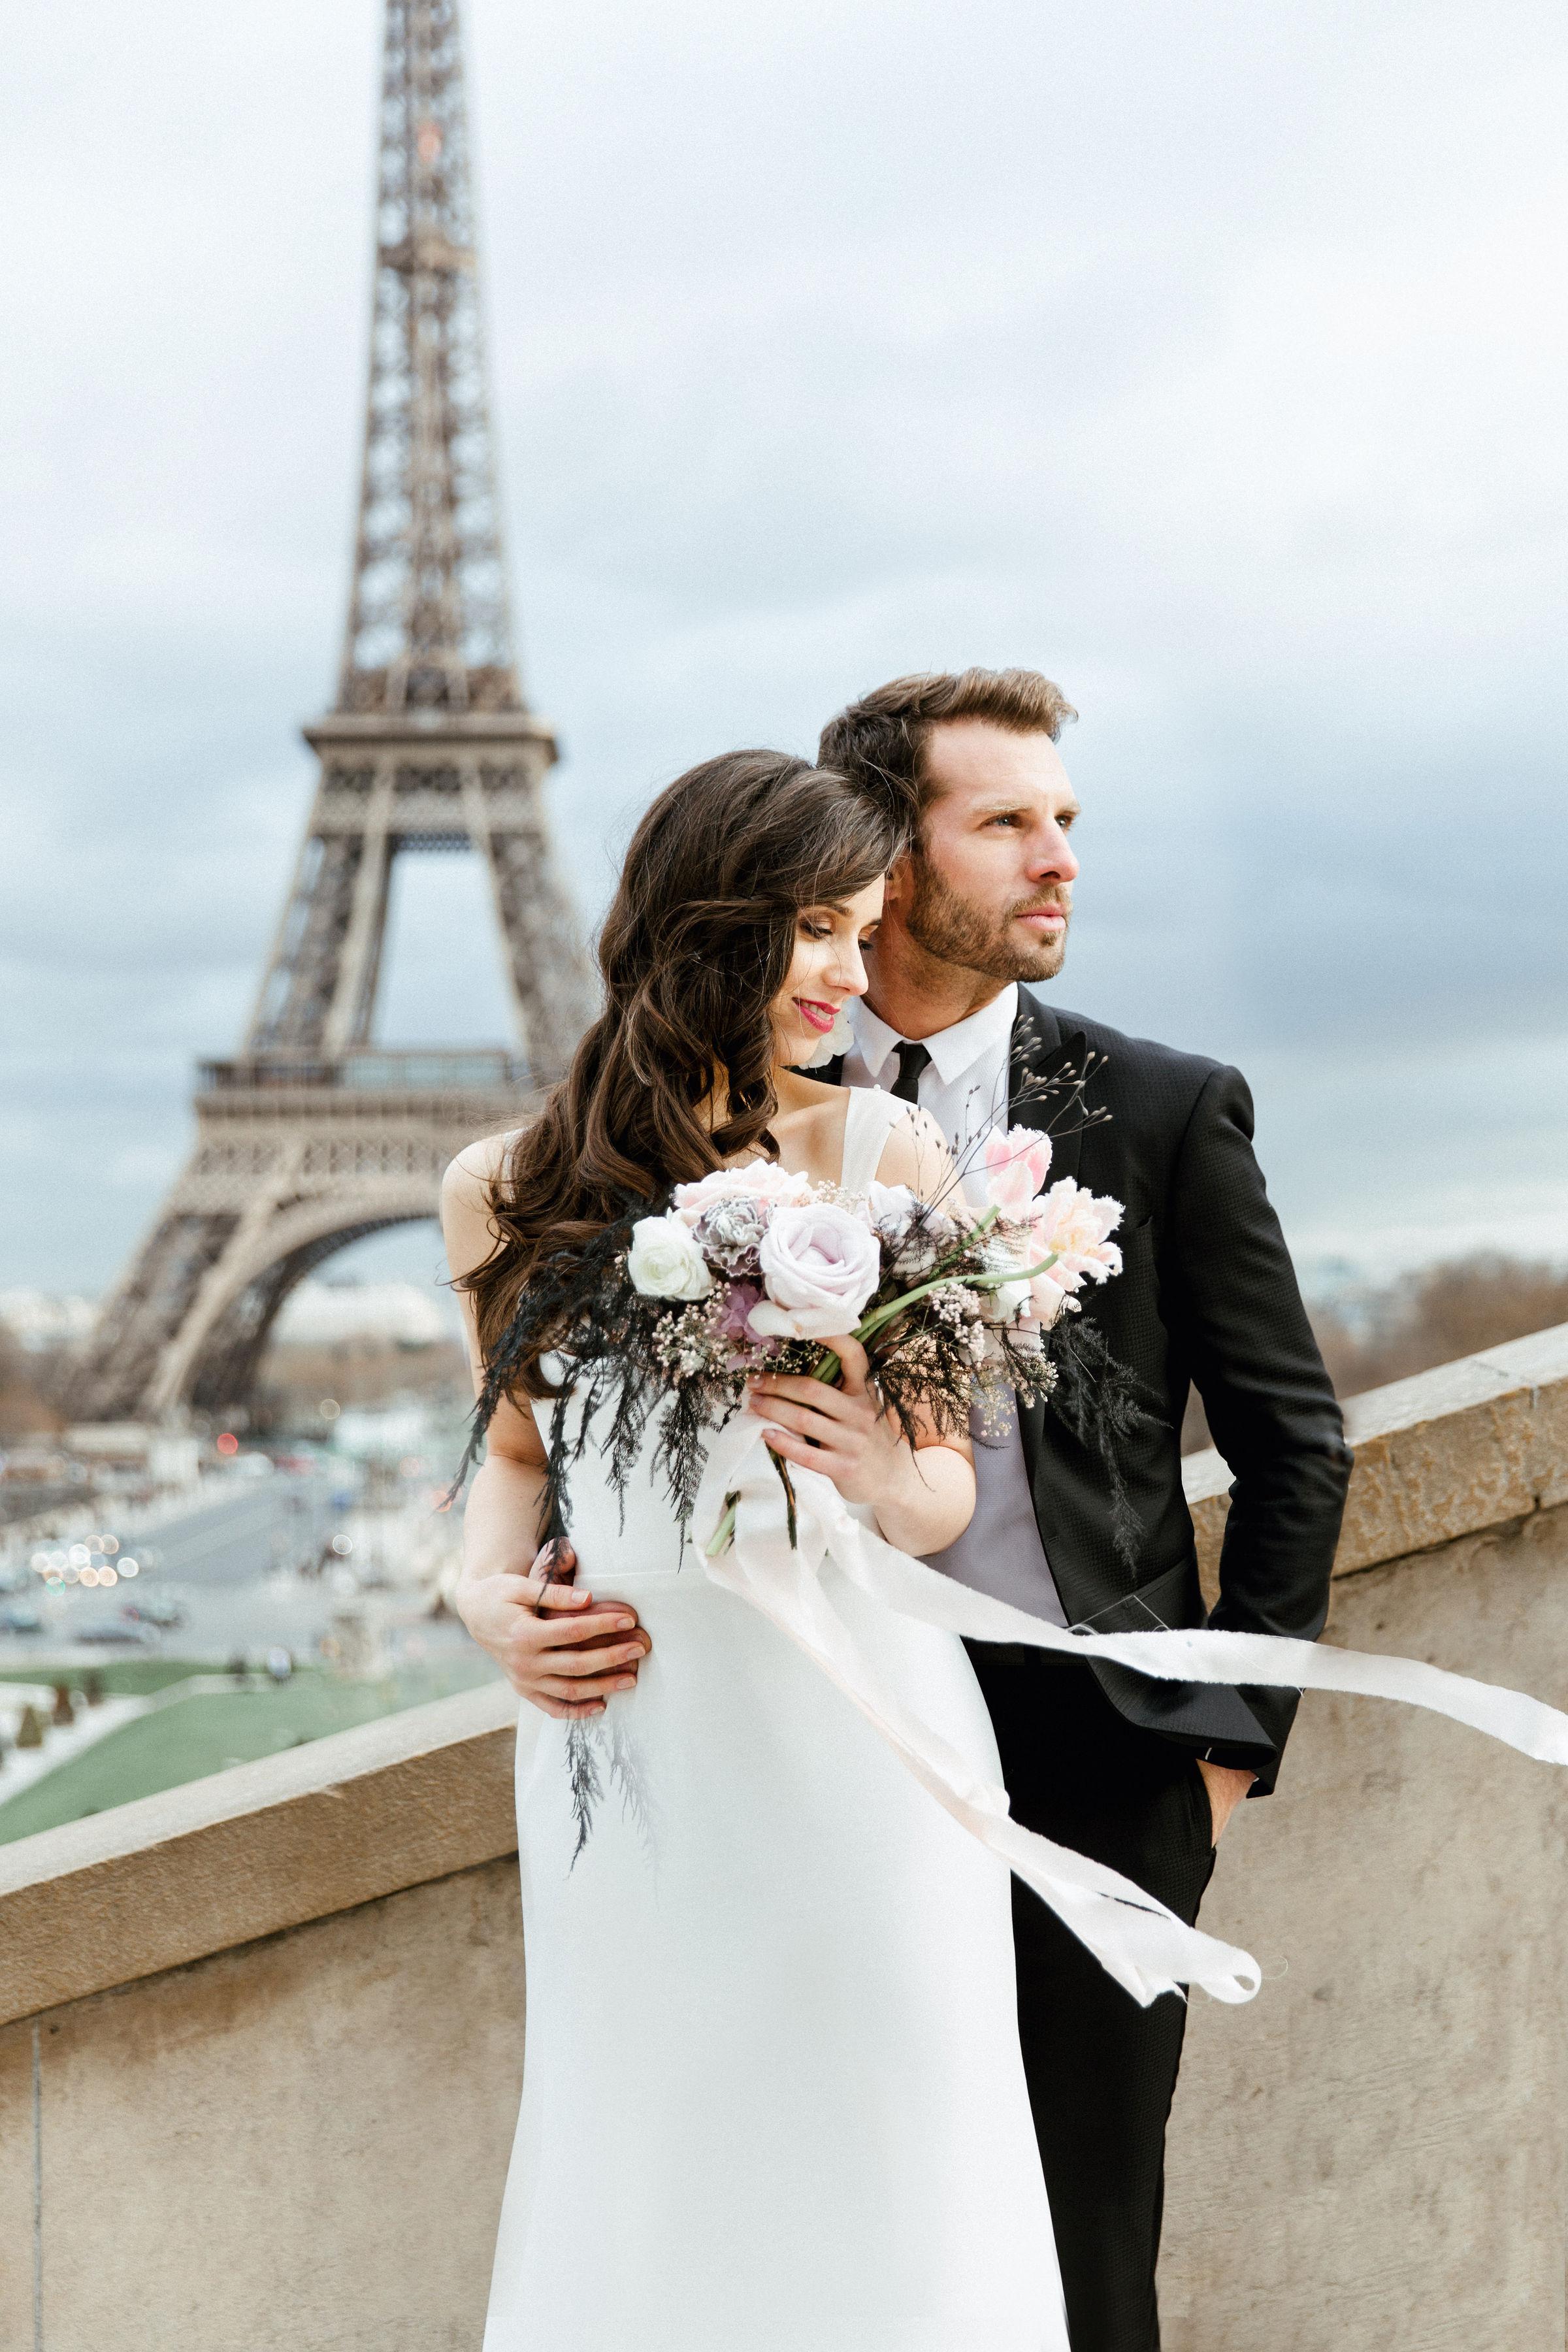 ElodieWinter_Brindle&Oak_Paris_StyledShoot-150.jpg